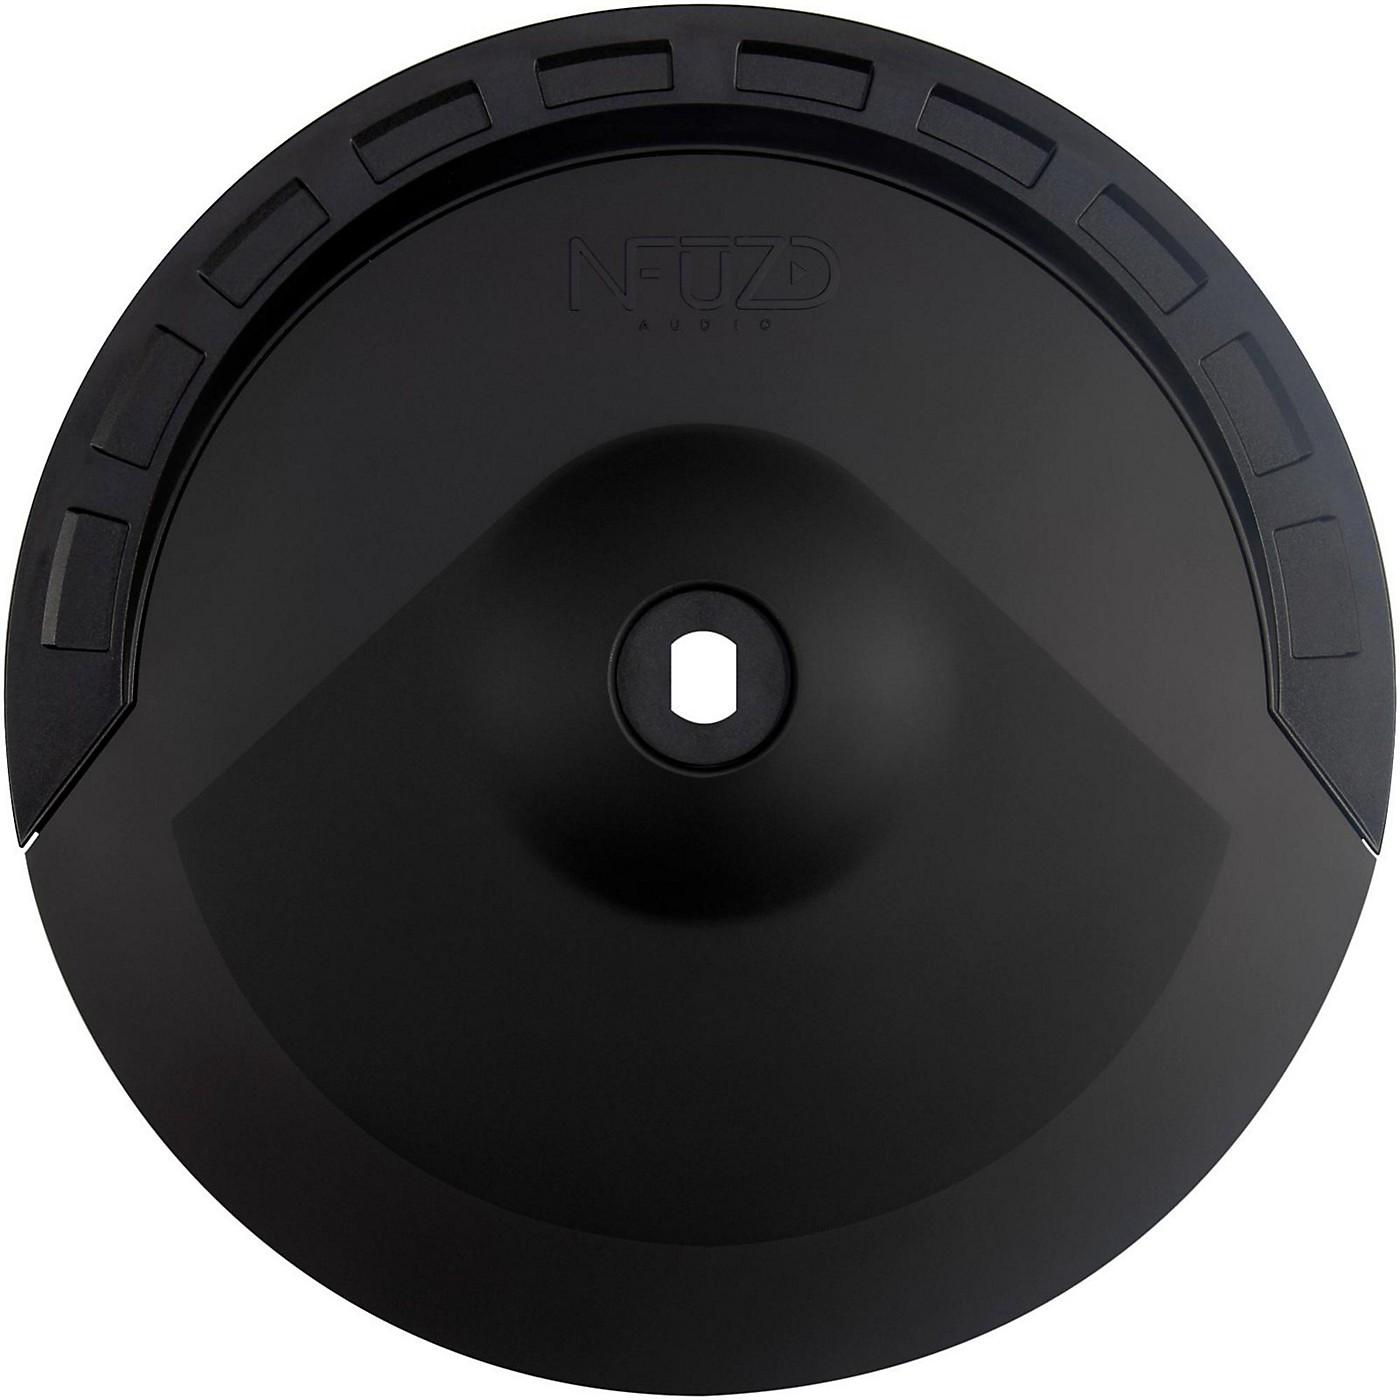 NFUZD Audio NSPIRE Crash Cymbal Trigger Pad thumbnail